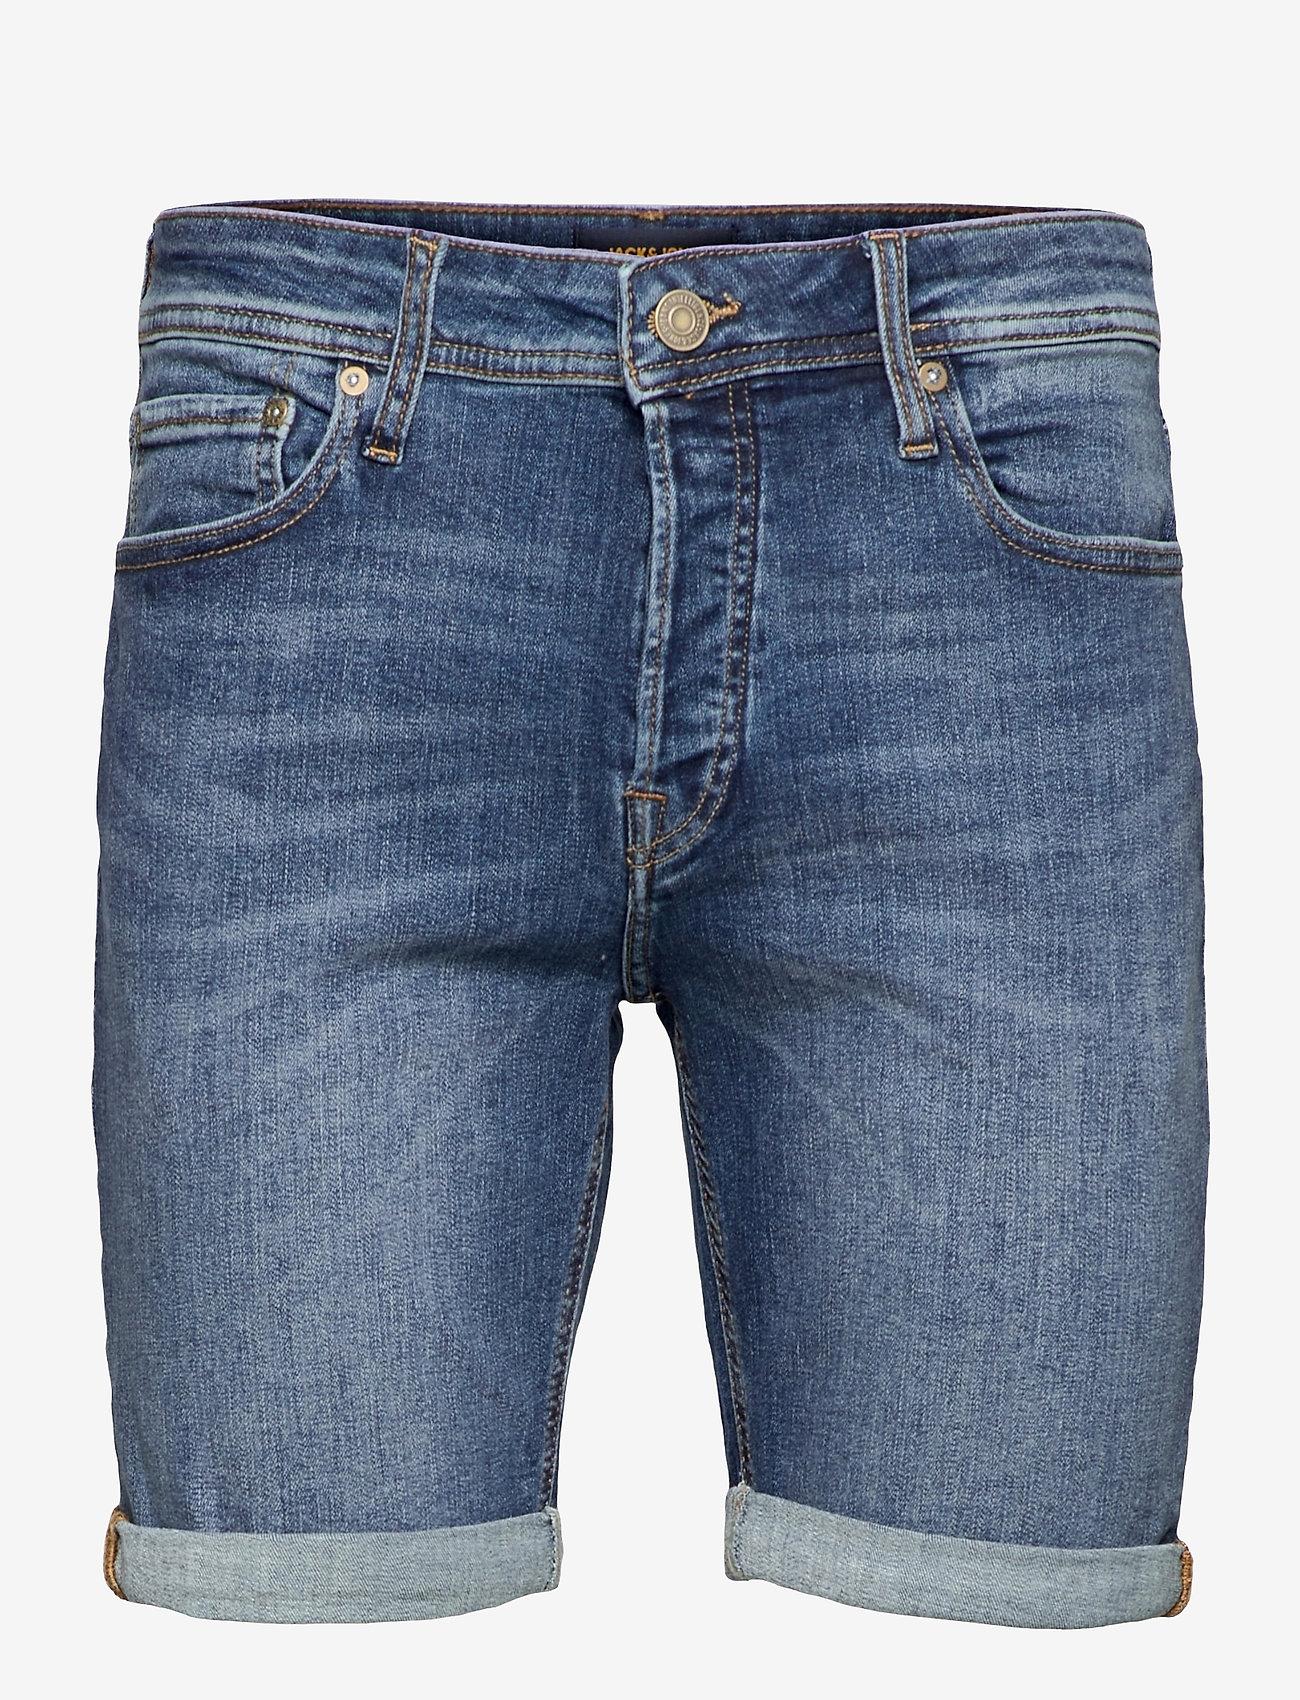 Jack & Jones - JJIRICK JJORIGINAL SHORTS AGI 005 - denim shorts - blue denim - 0